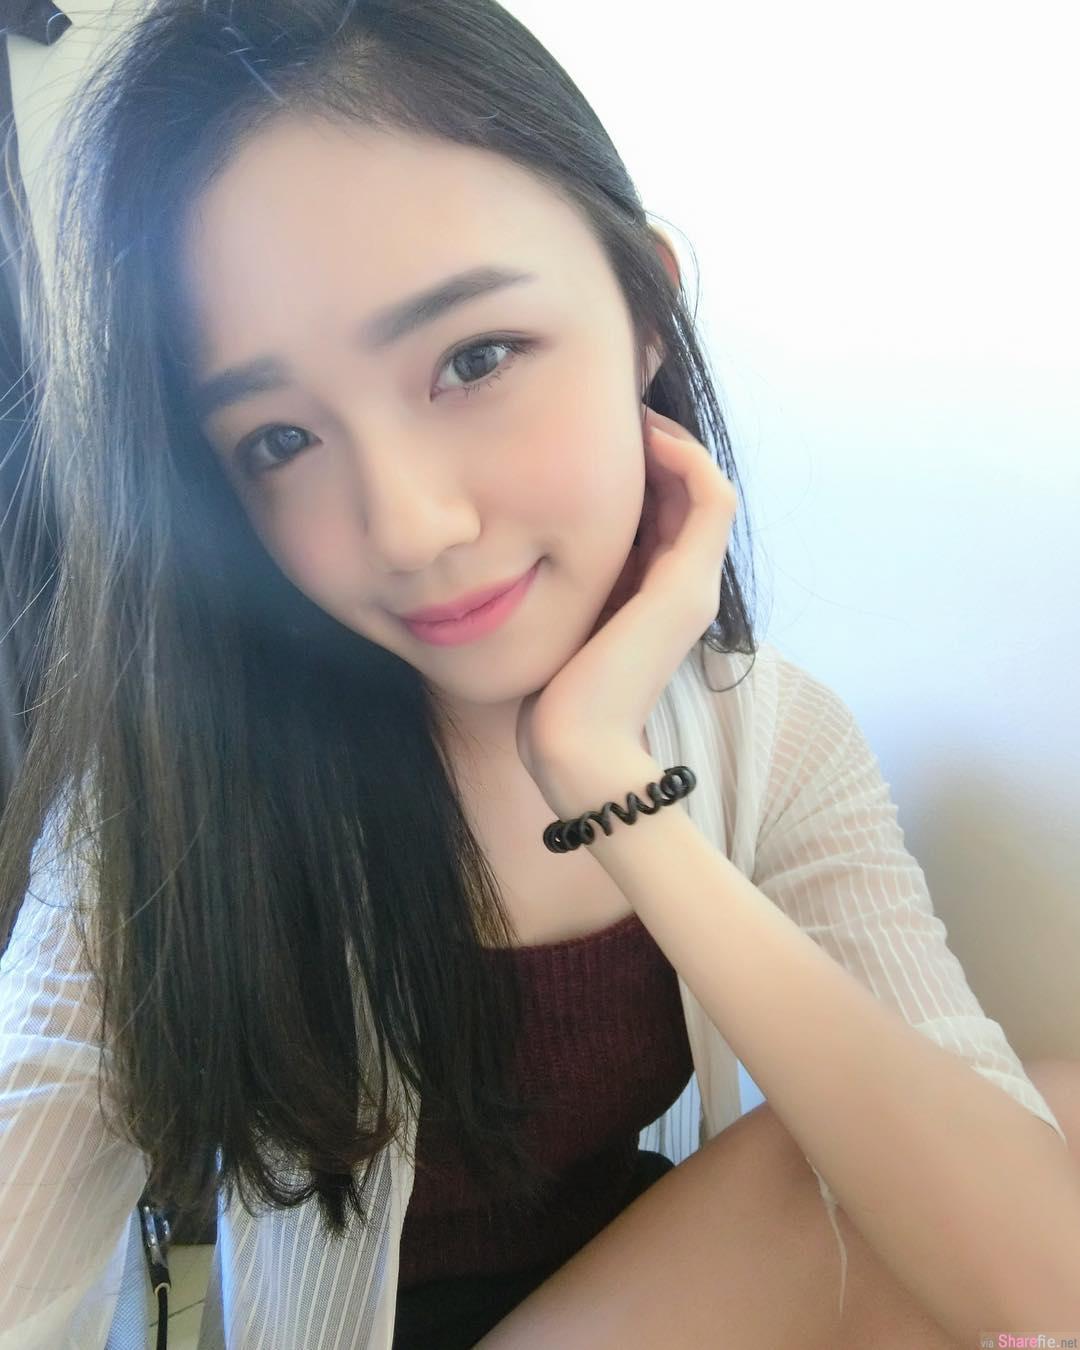 大马正妹Cecilia Yong,微笑天使超迷人,网:想把你载回家